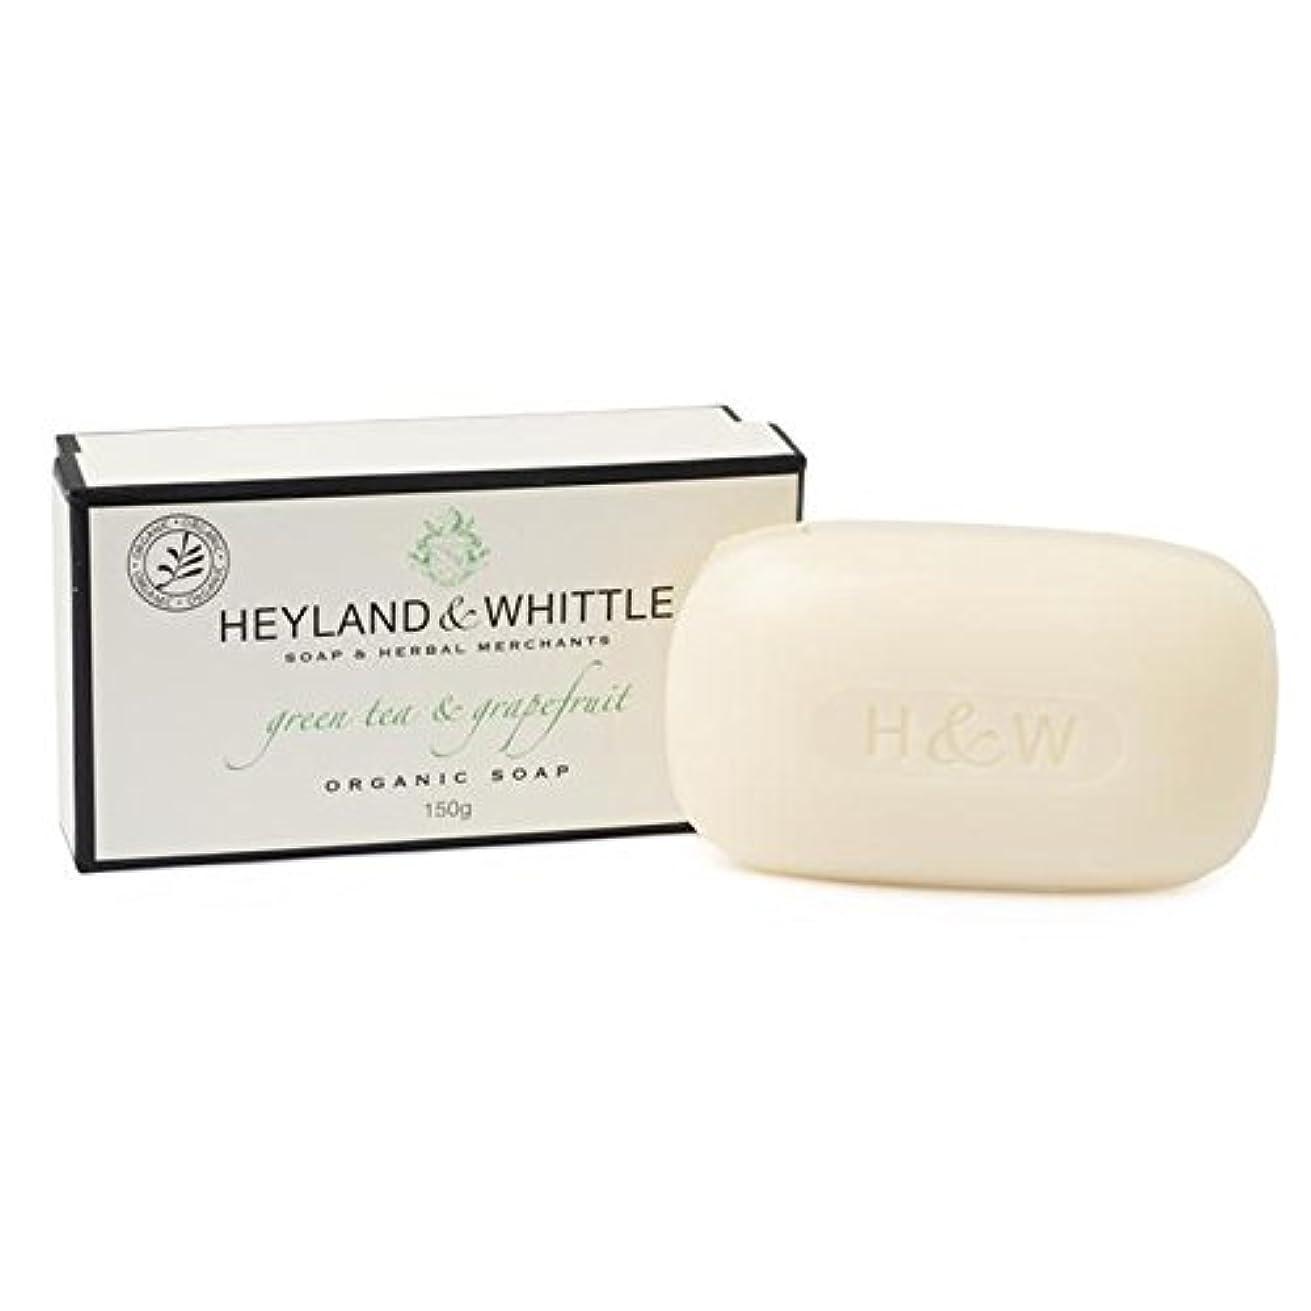 氏承認するマサッチョ&削る緑茶&グレープフルーツはオーガニックソープ150グラム箱入り x4 - Heyland & Whittle Green Tea & Grapefruit Boxed Organic Soap 150g (Pack of 4) [並行輸入品]